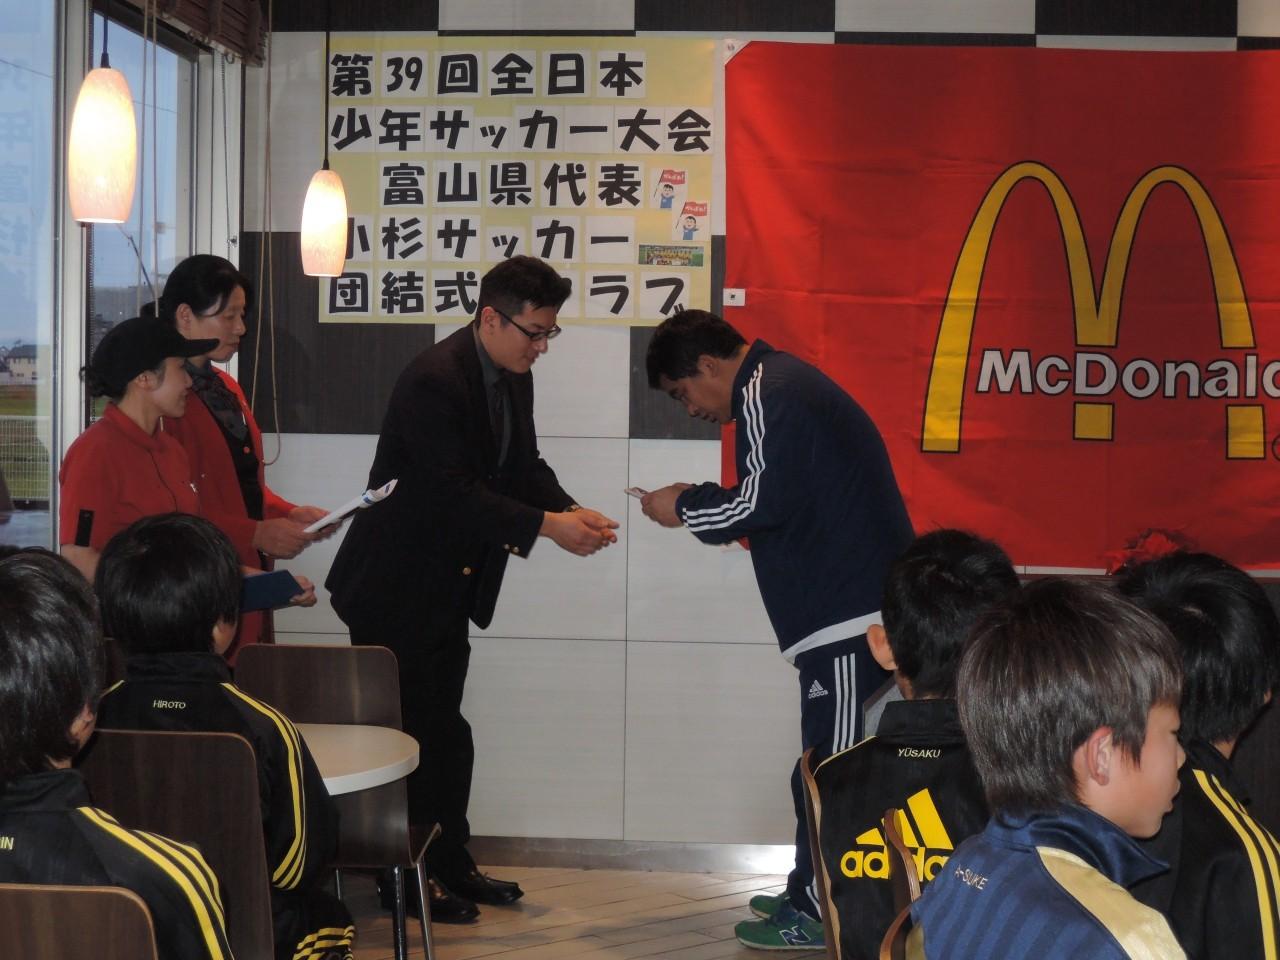 12月5日(土)マクドナルド結団式